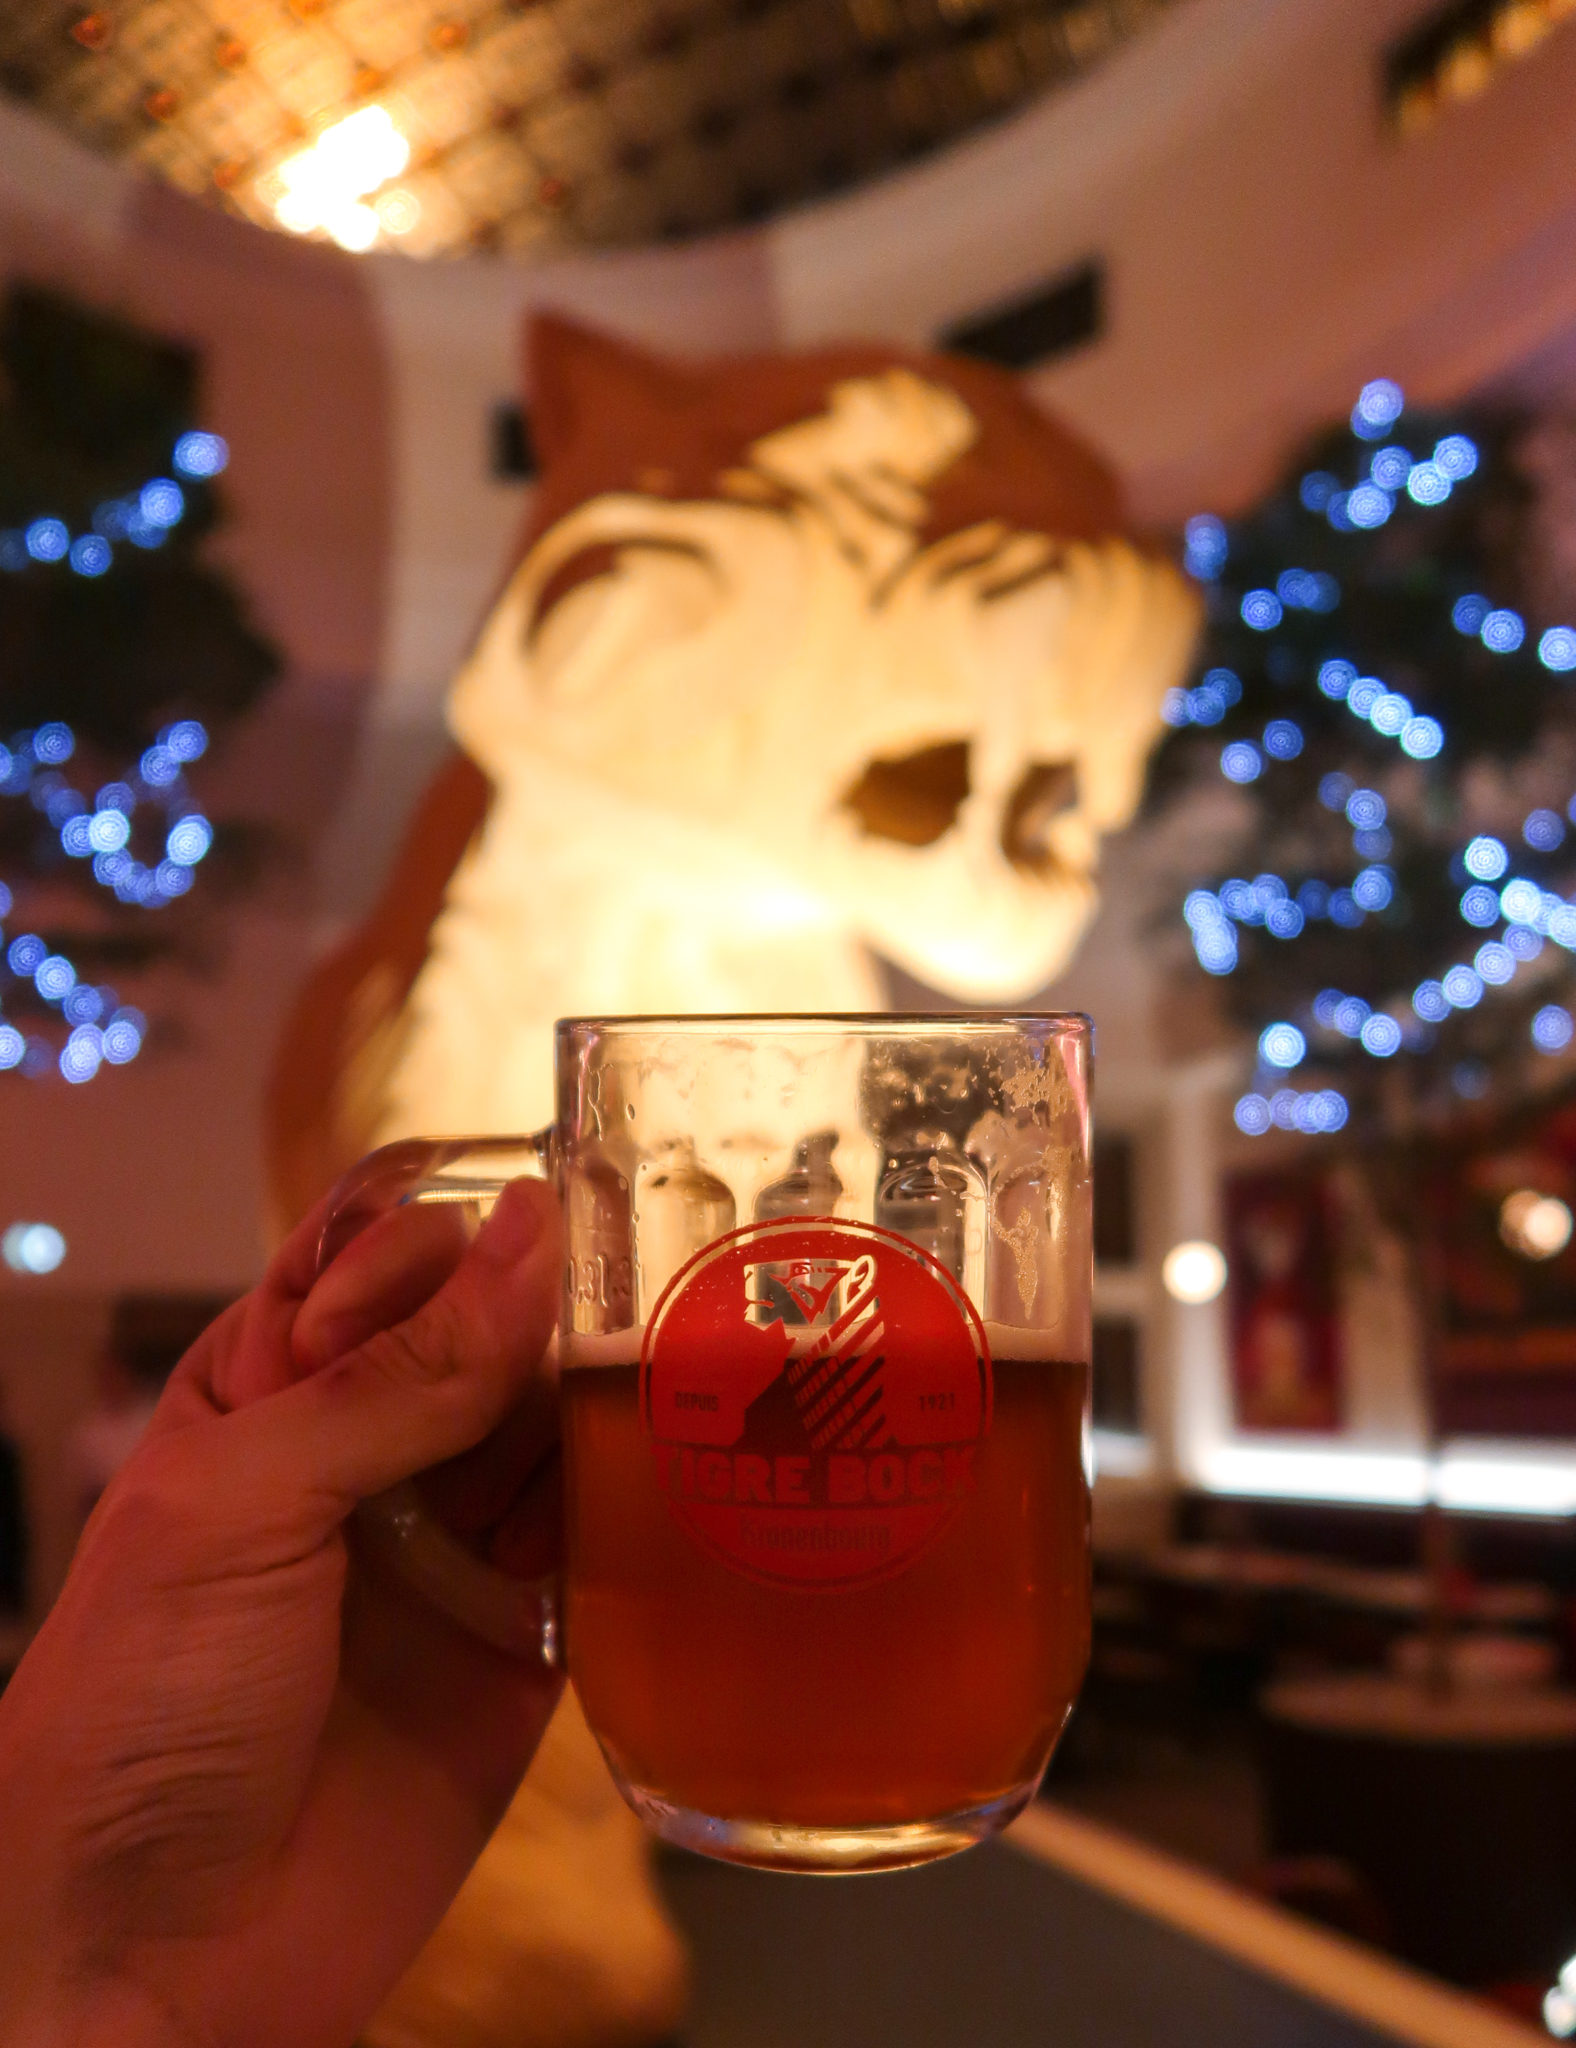 Le Tigre Strasbourg : la nouvelle brasserie incontournable bières Kronenbourg France Tiger Bock